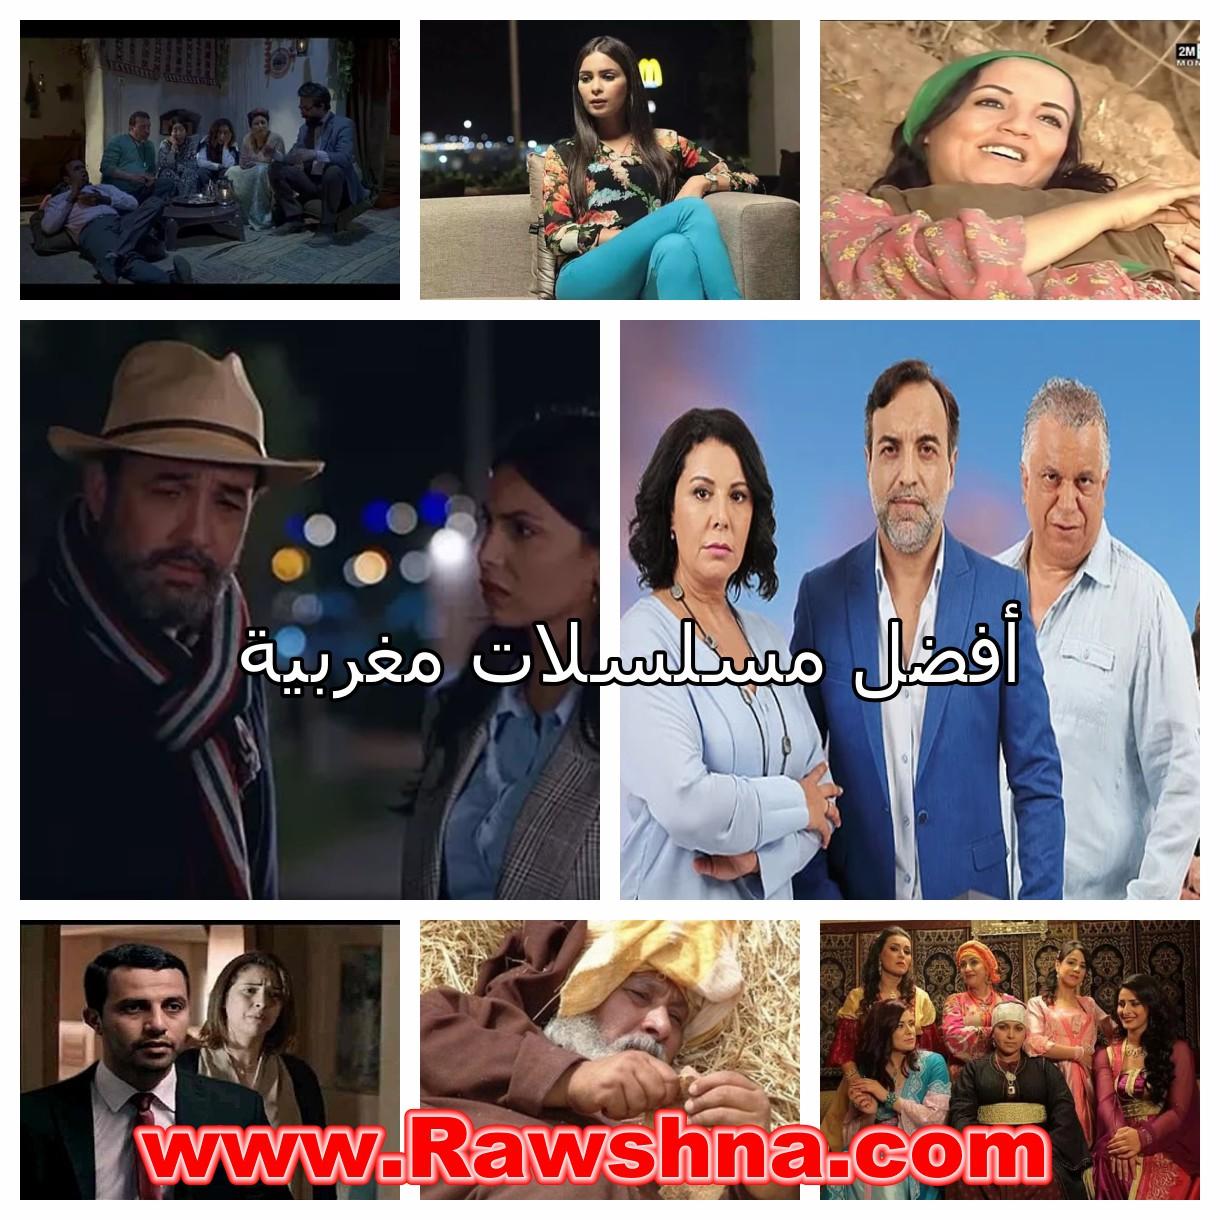 أفضل مسلسلات مغربية على مر التاريخ